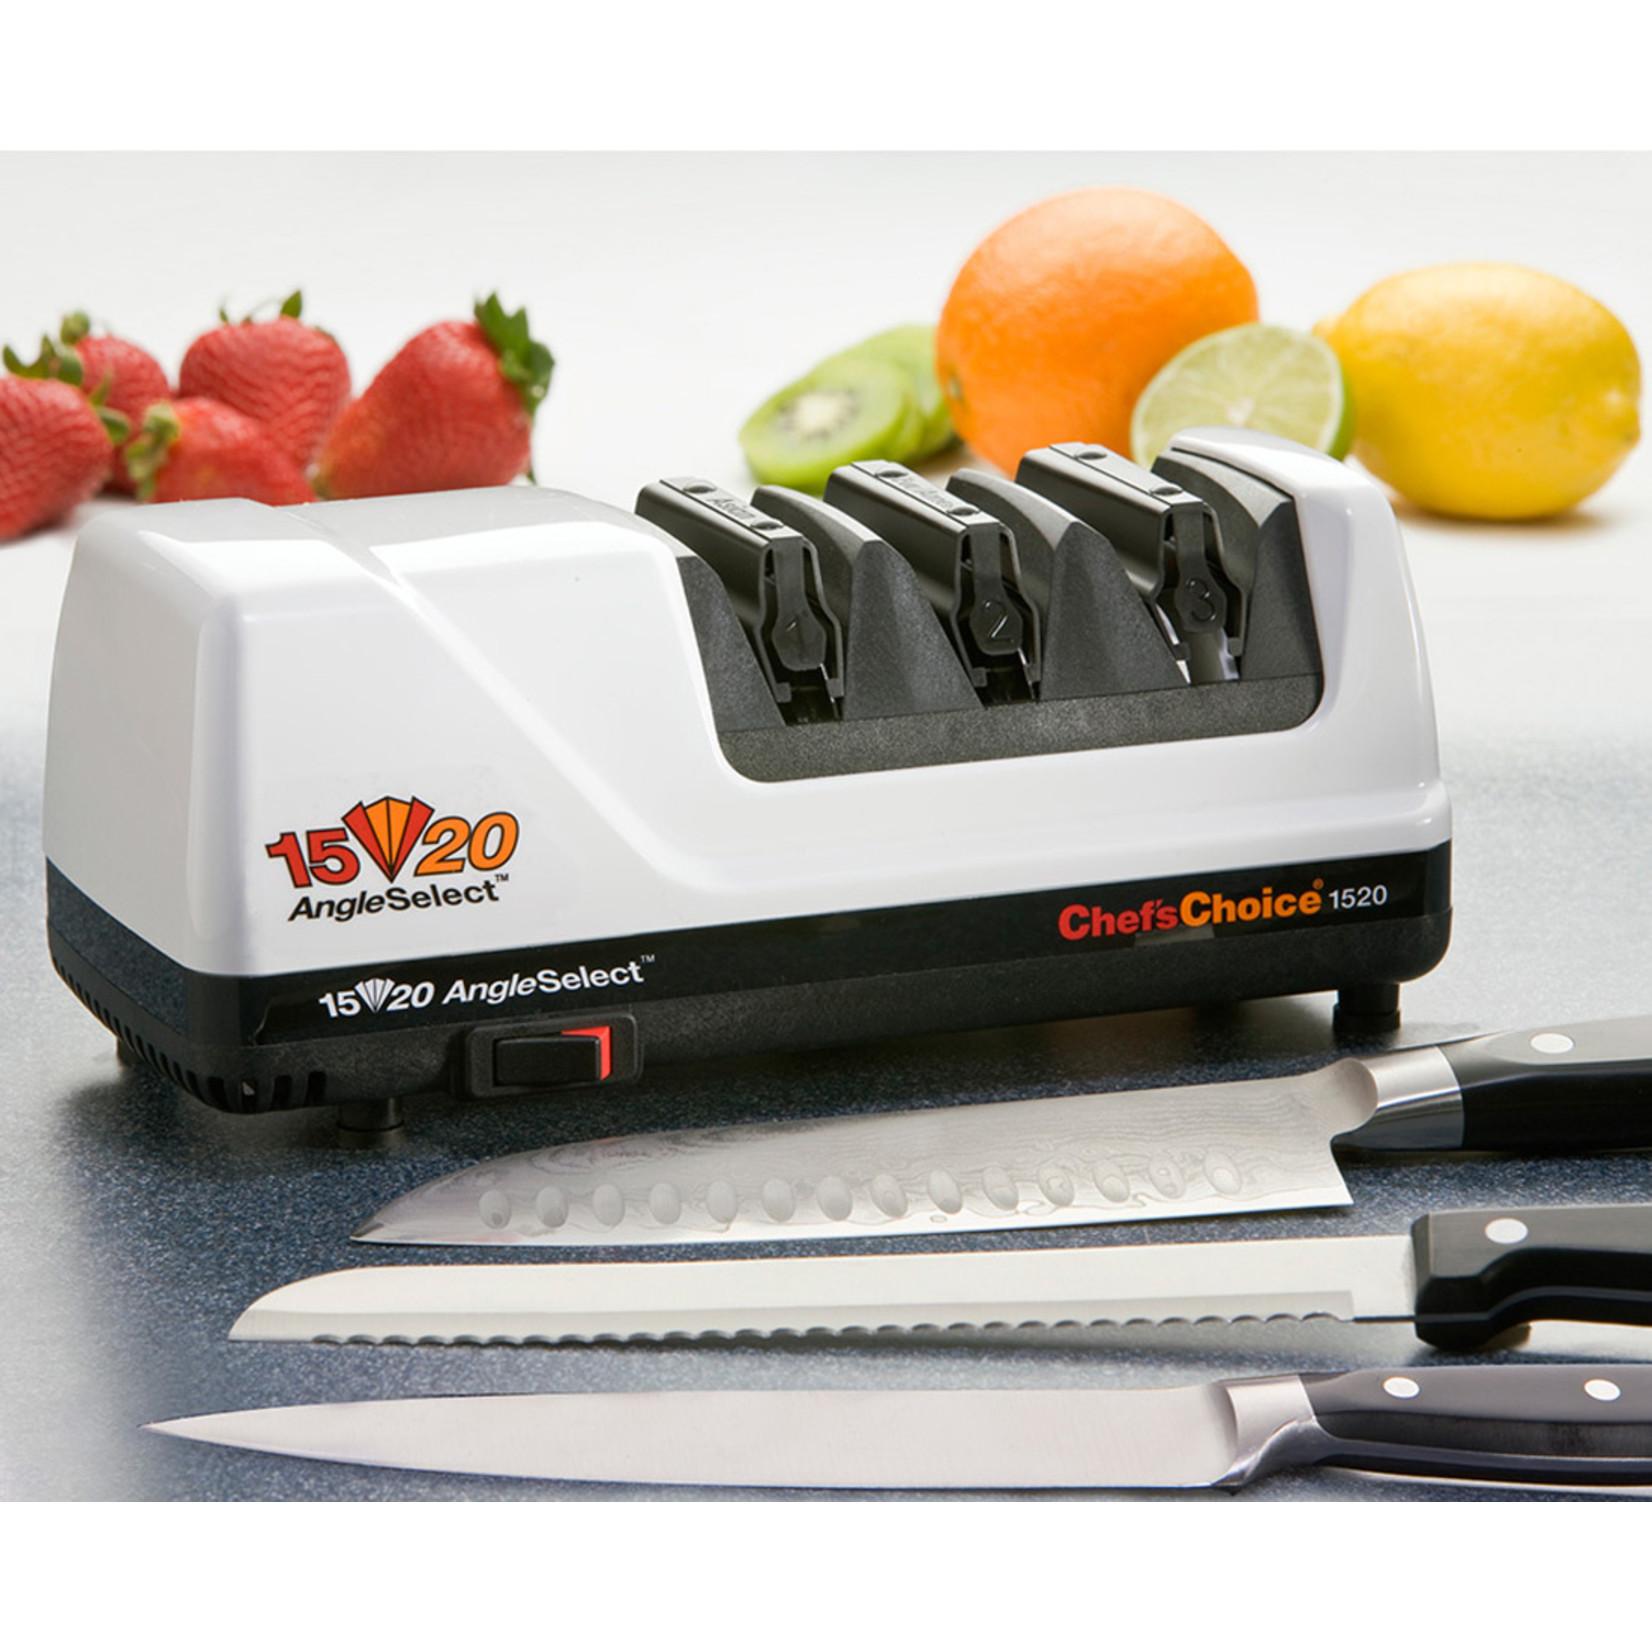 ChefsChoice Chef's Choice Messenslijper 1520 RVS